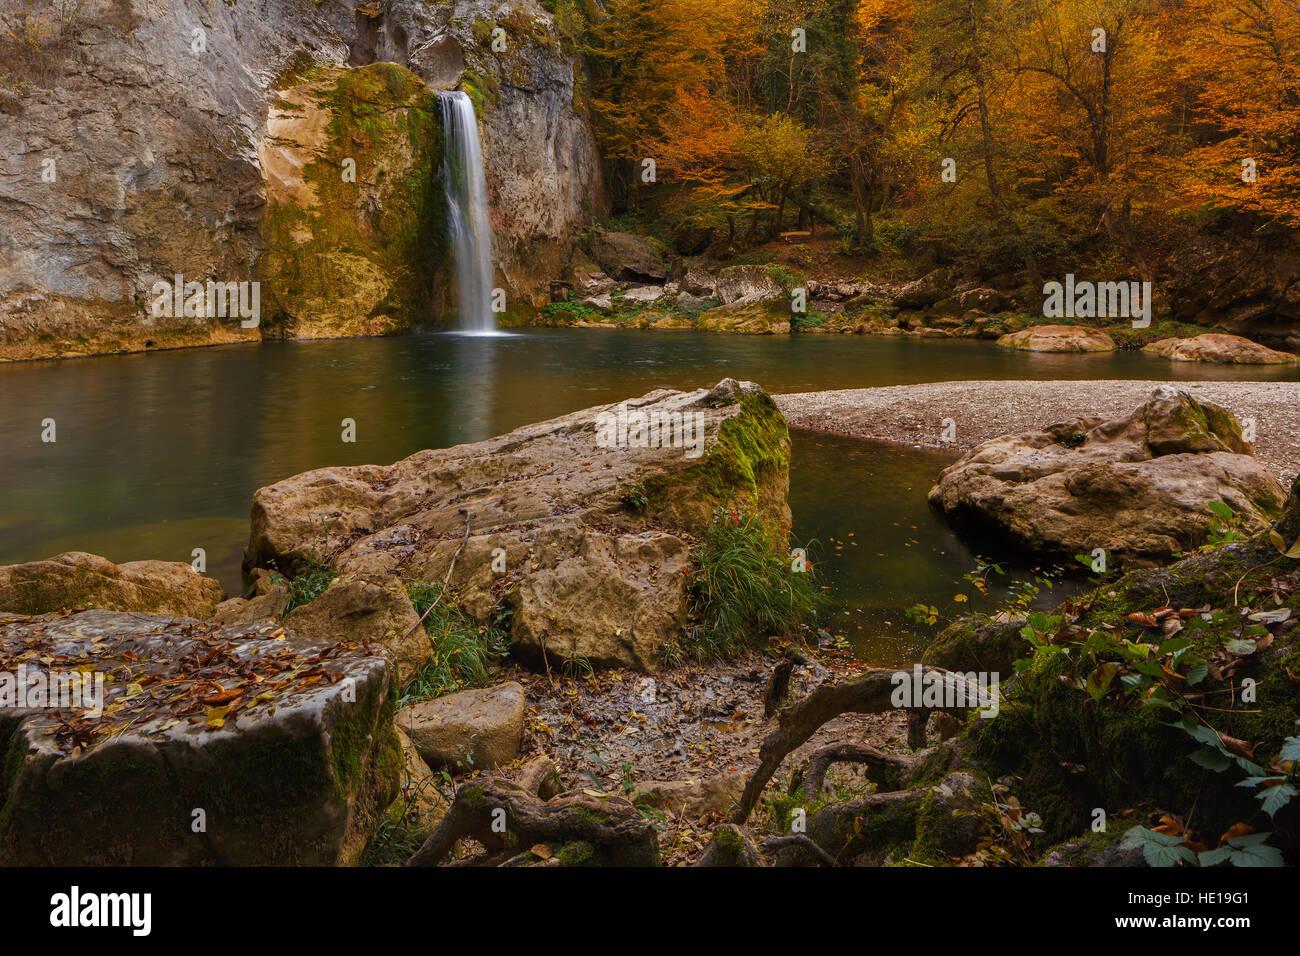 Landschaft im Herbst Natur auf dem Hügel von Kure Berge in Kastamonu, Türkei Stockbild